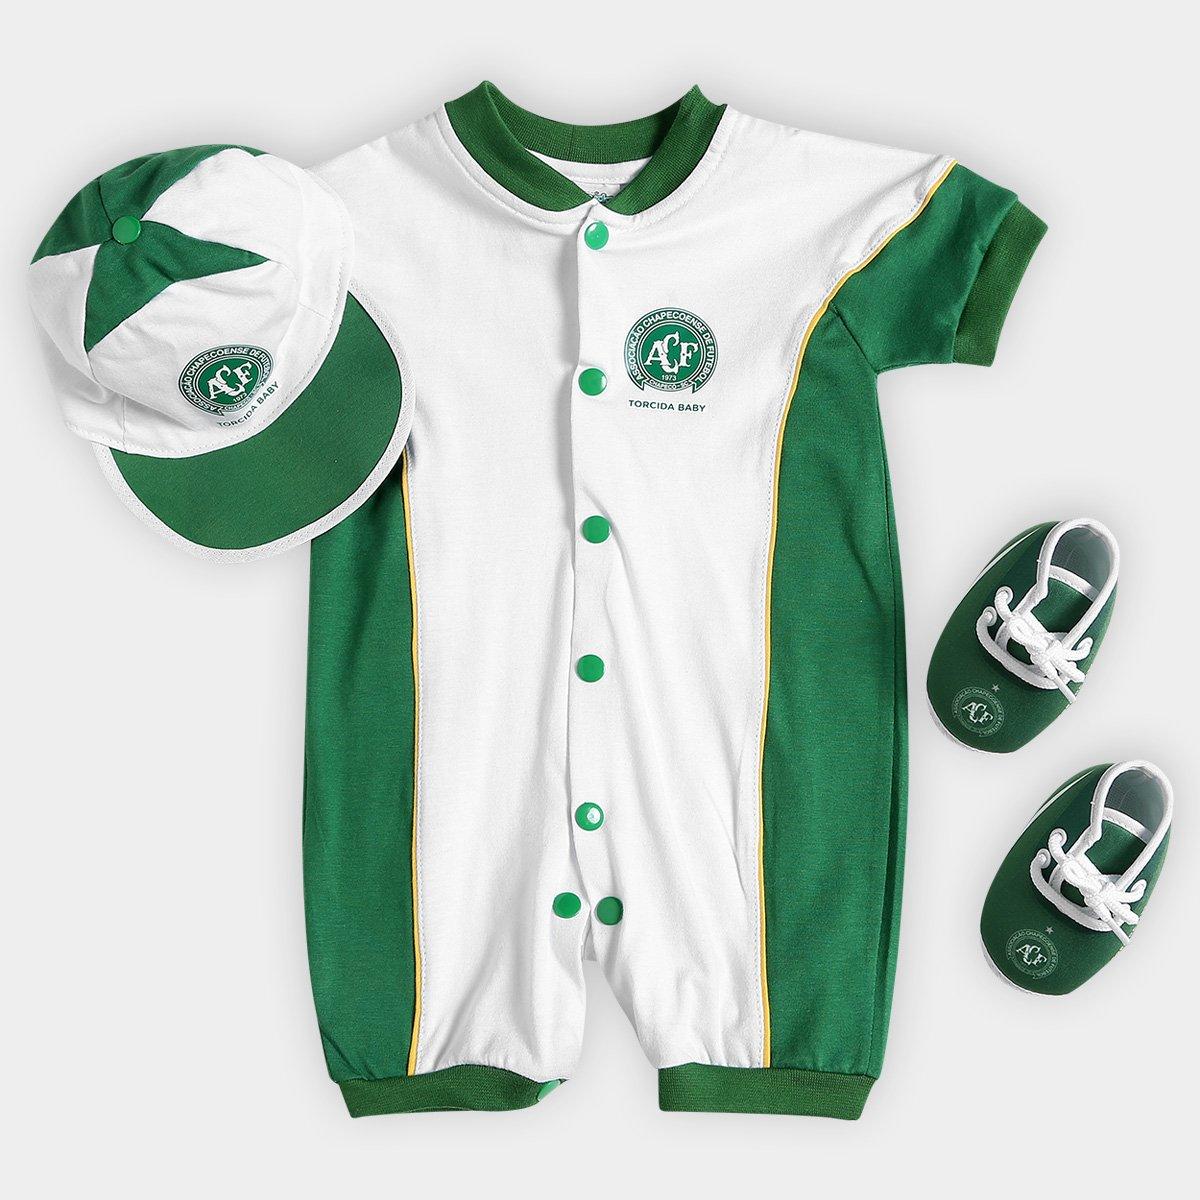 20a9d49a3c Kit Chapecoense Infantil Curto Estilo I - Verde e Branco - Compre ...